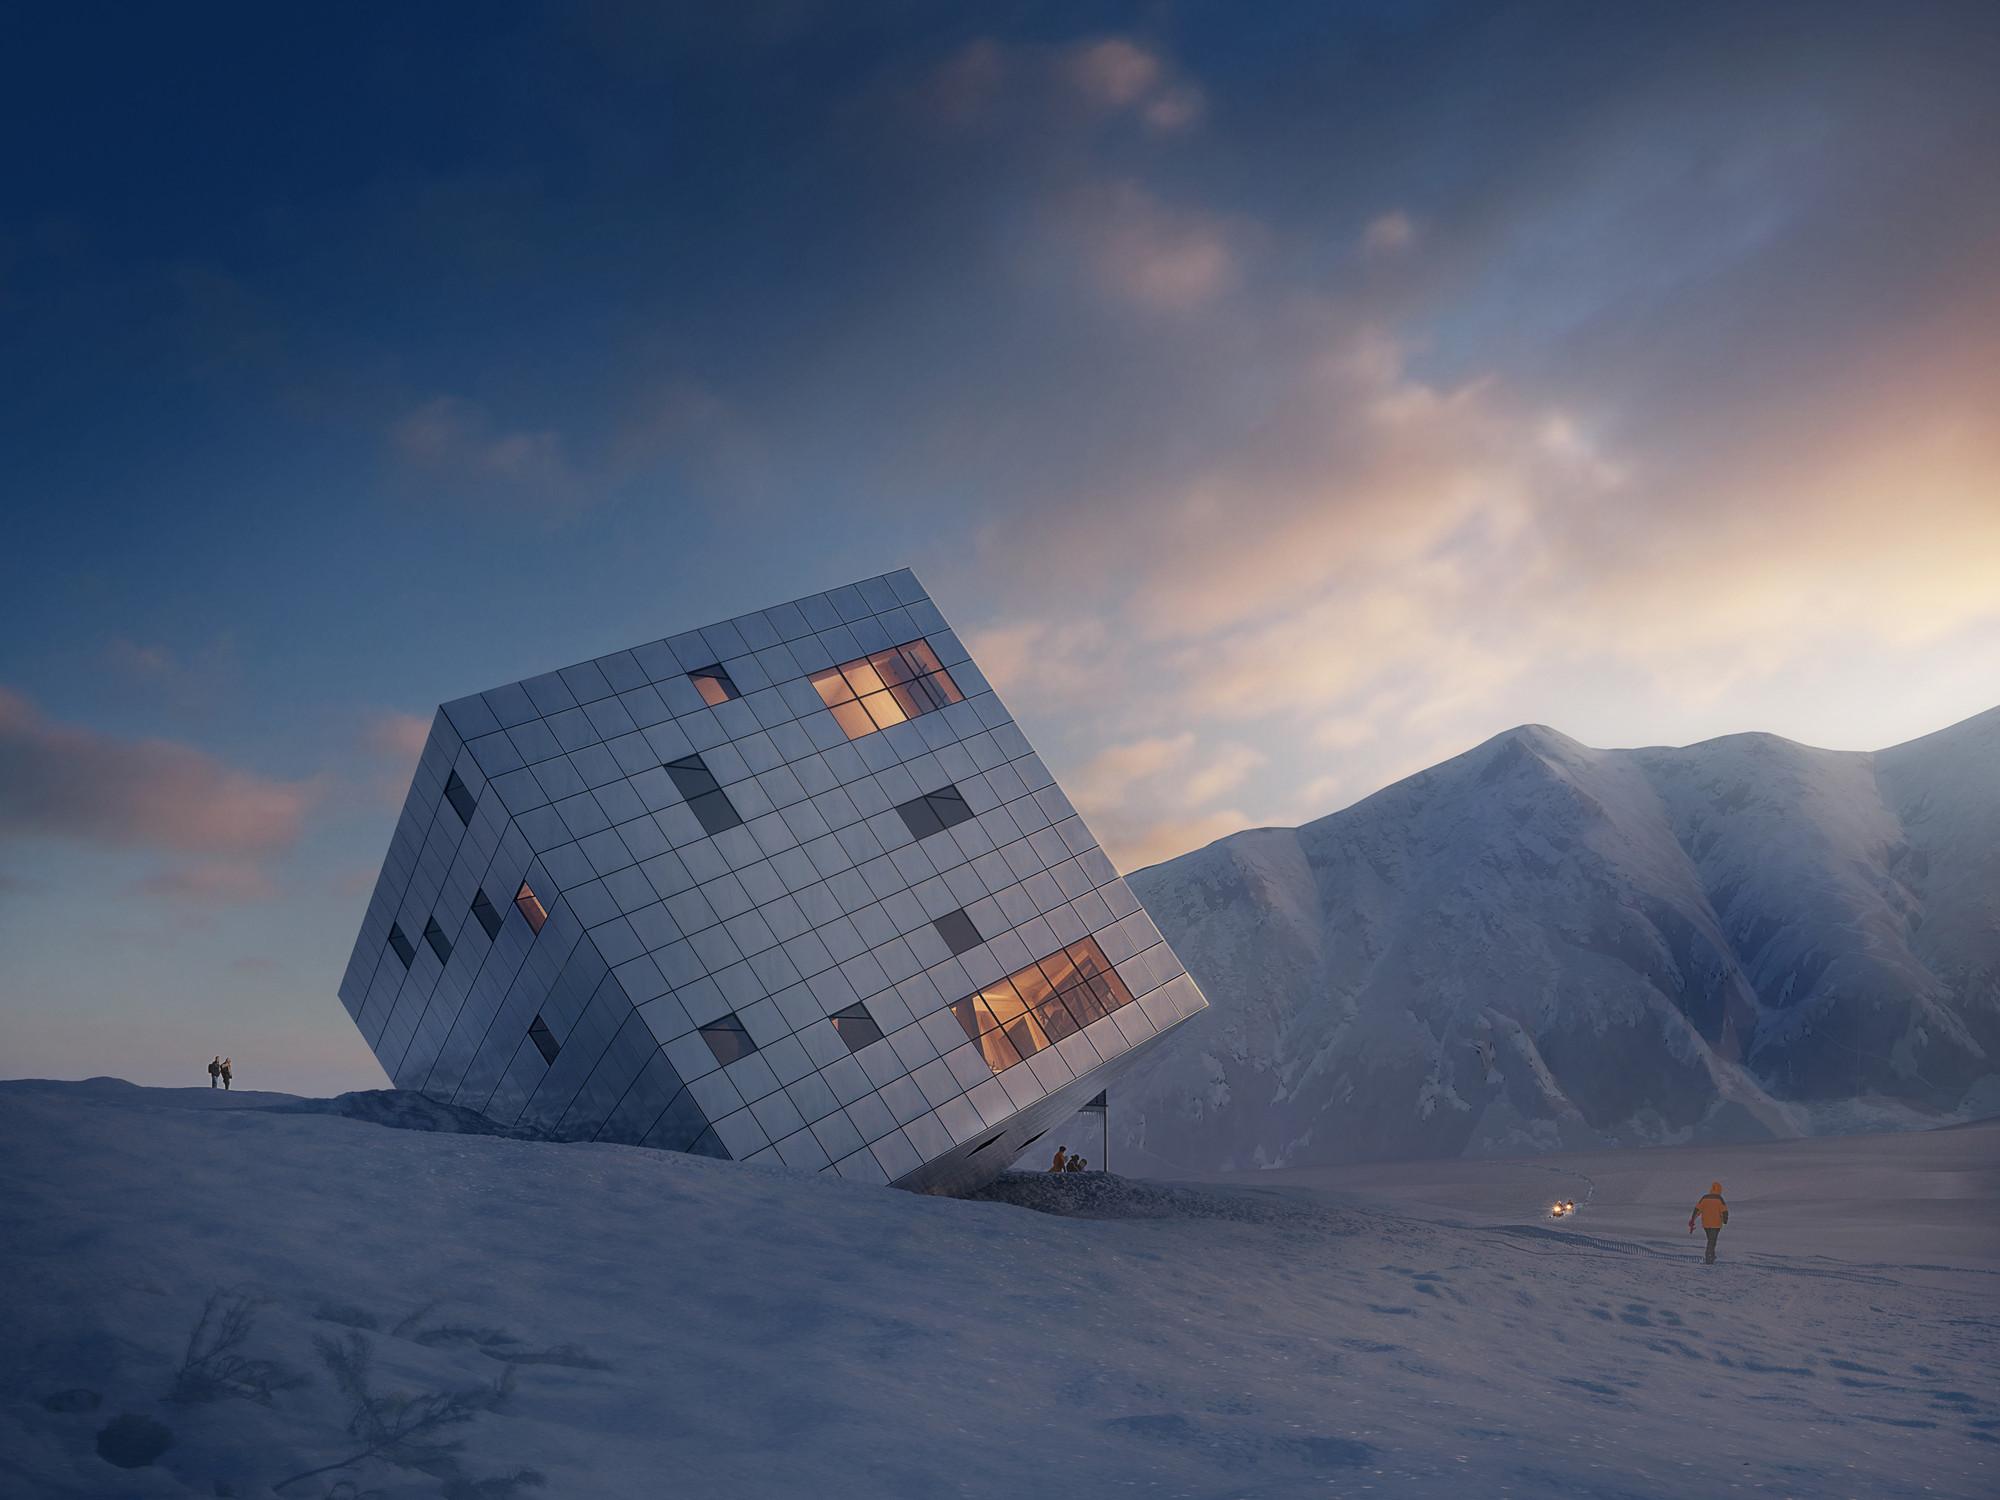 Mountain_Hut_Slovakia_Atelier_8000_1